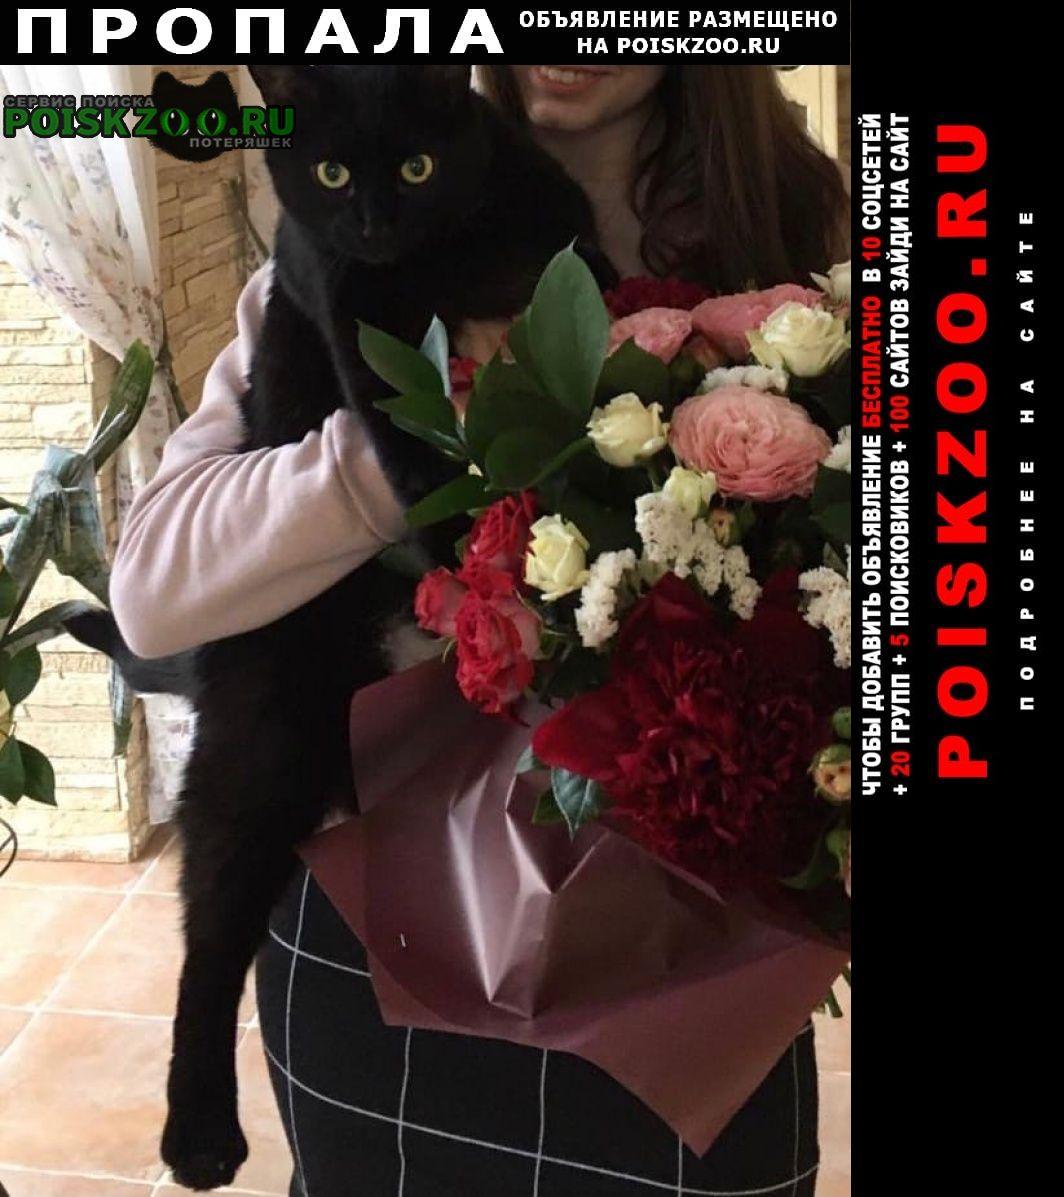 Пропала кошка в мкр. никольско-архангельский Балашиха